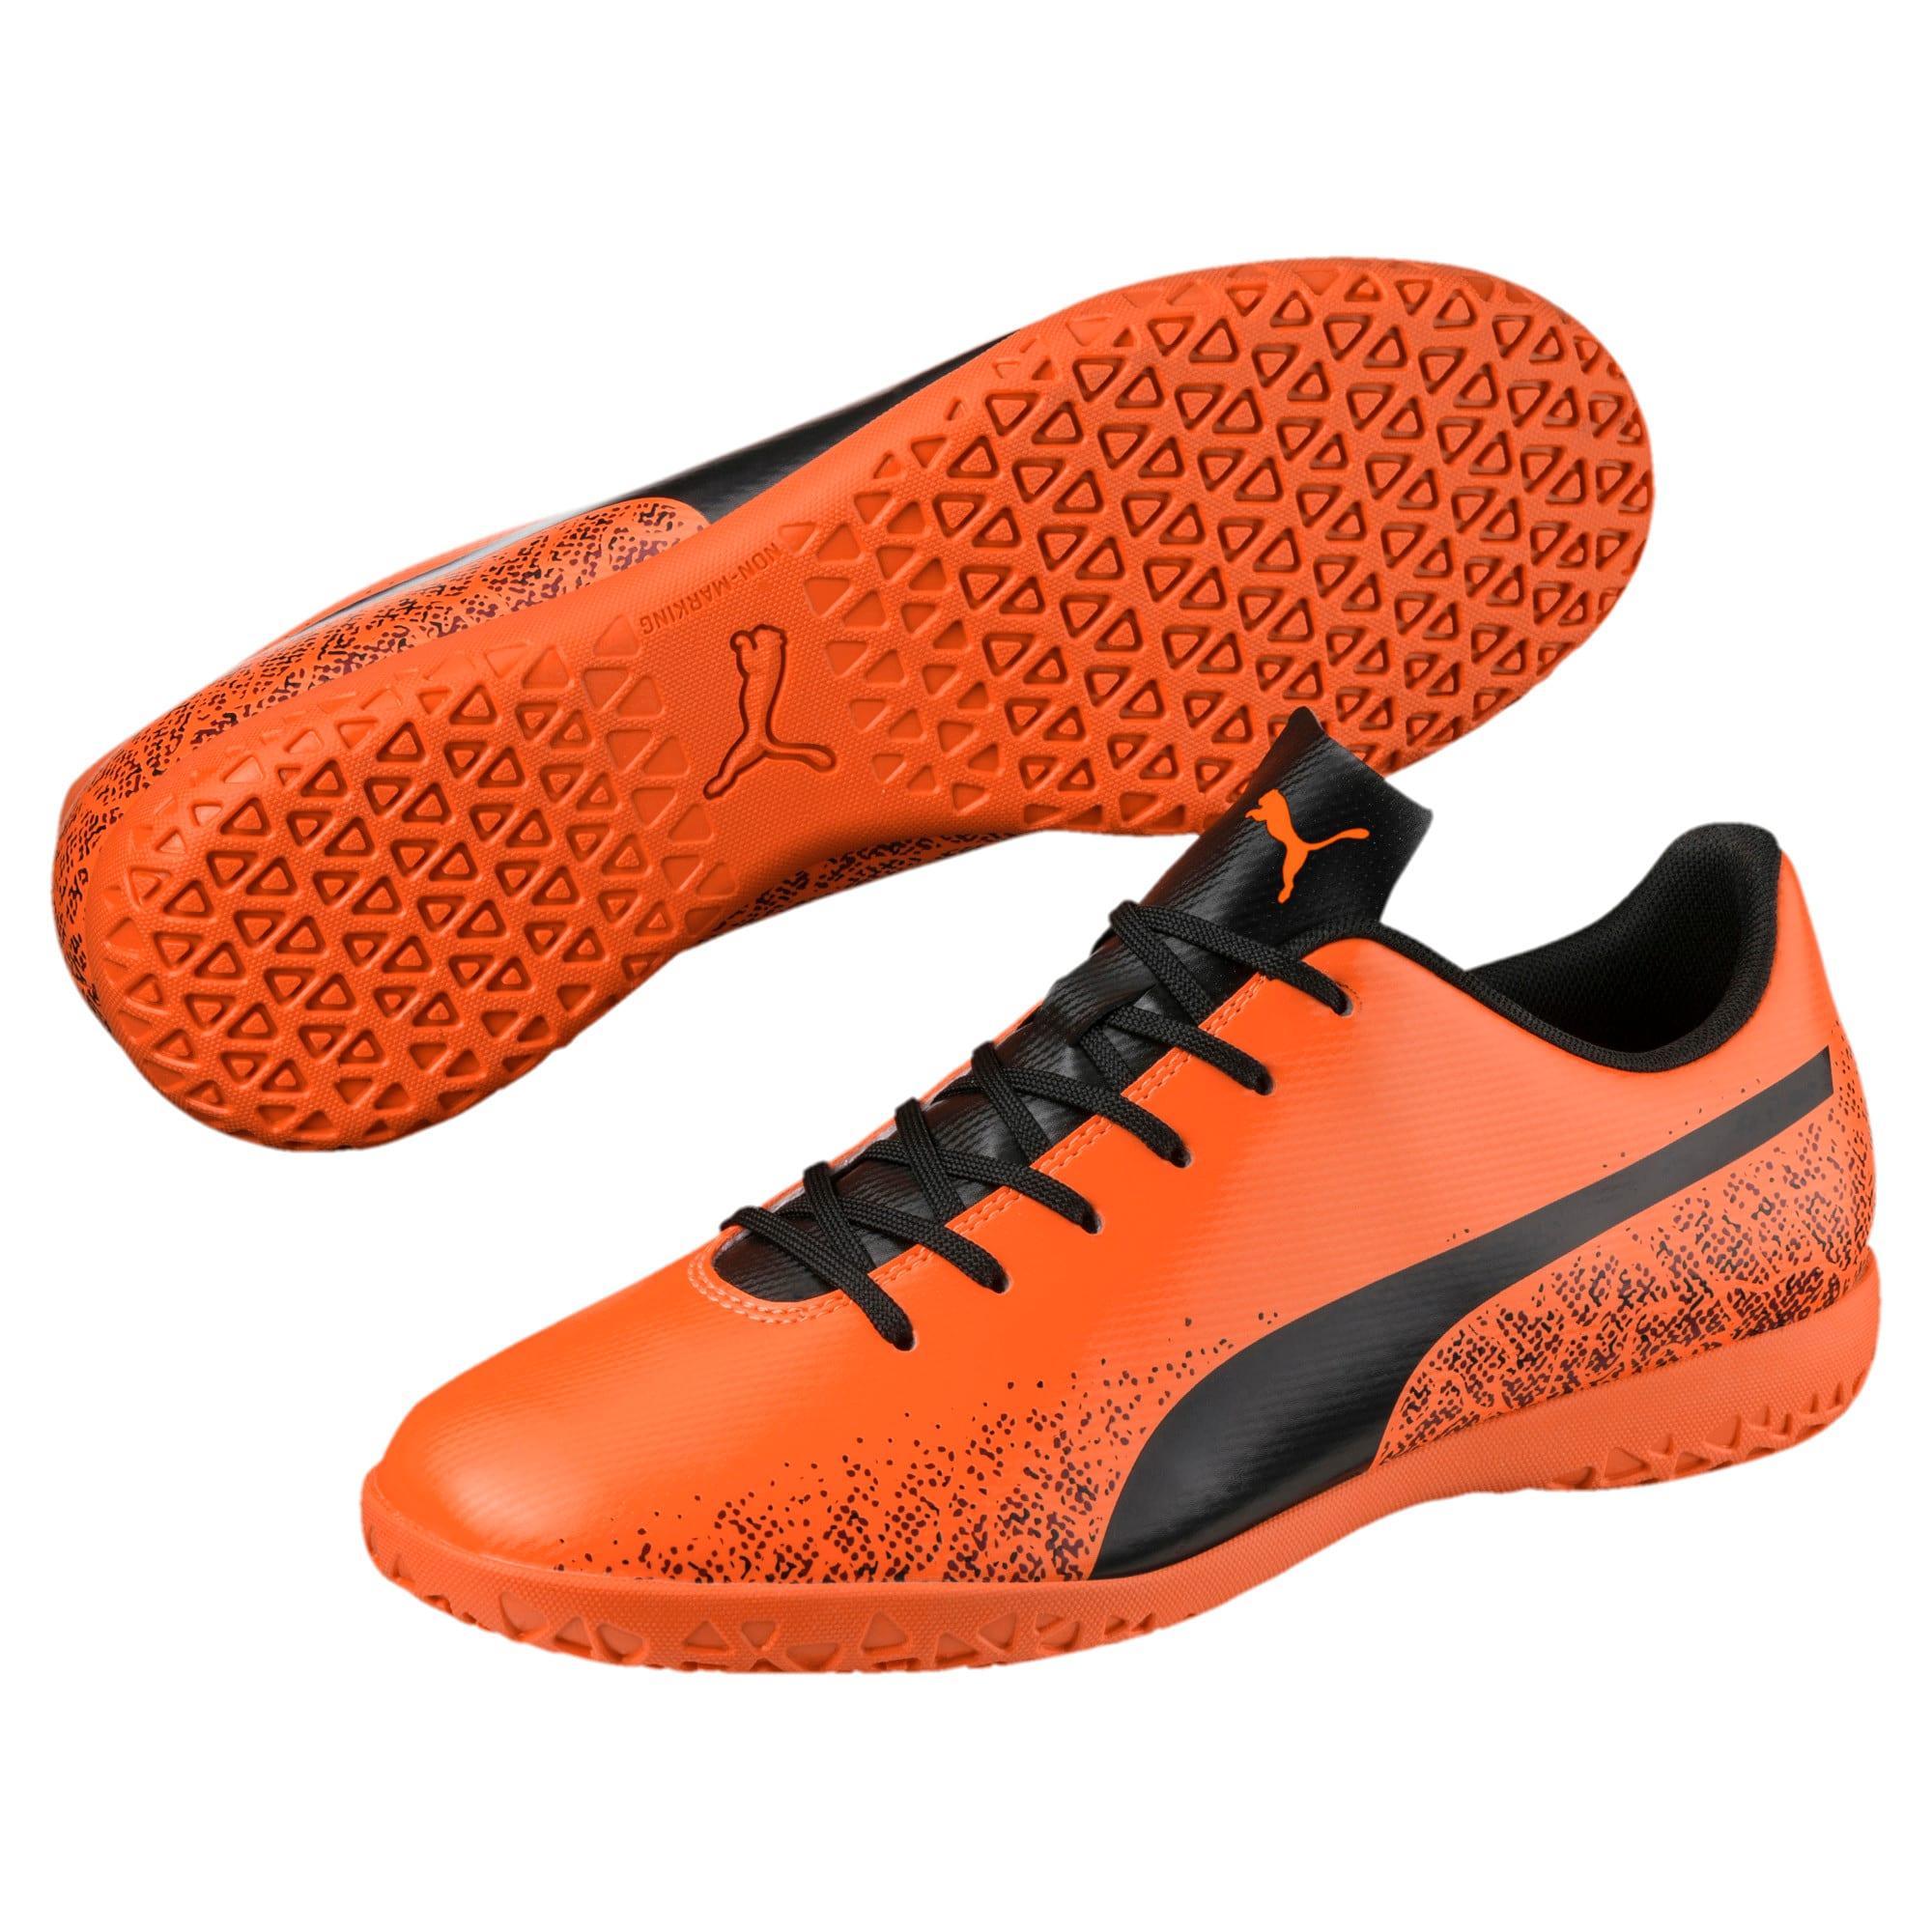 Thumbnail 2 of Truora IT Men's Indoor Training Shoes, Orange-Black-Cordovan, medium-IND